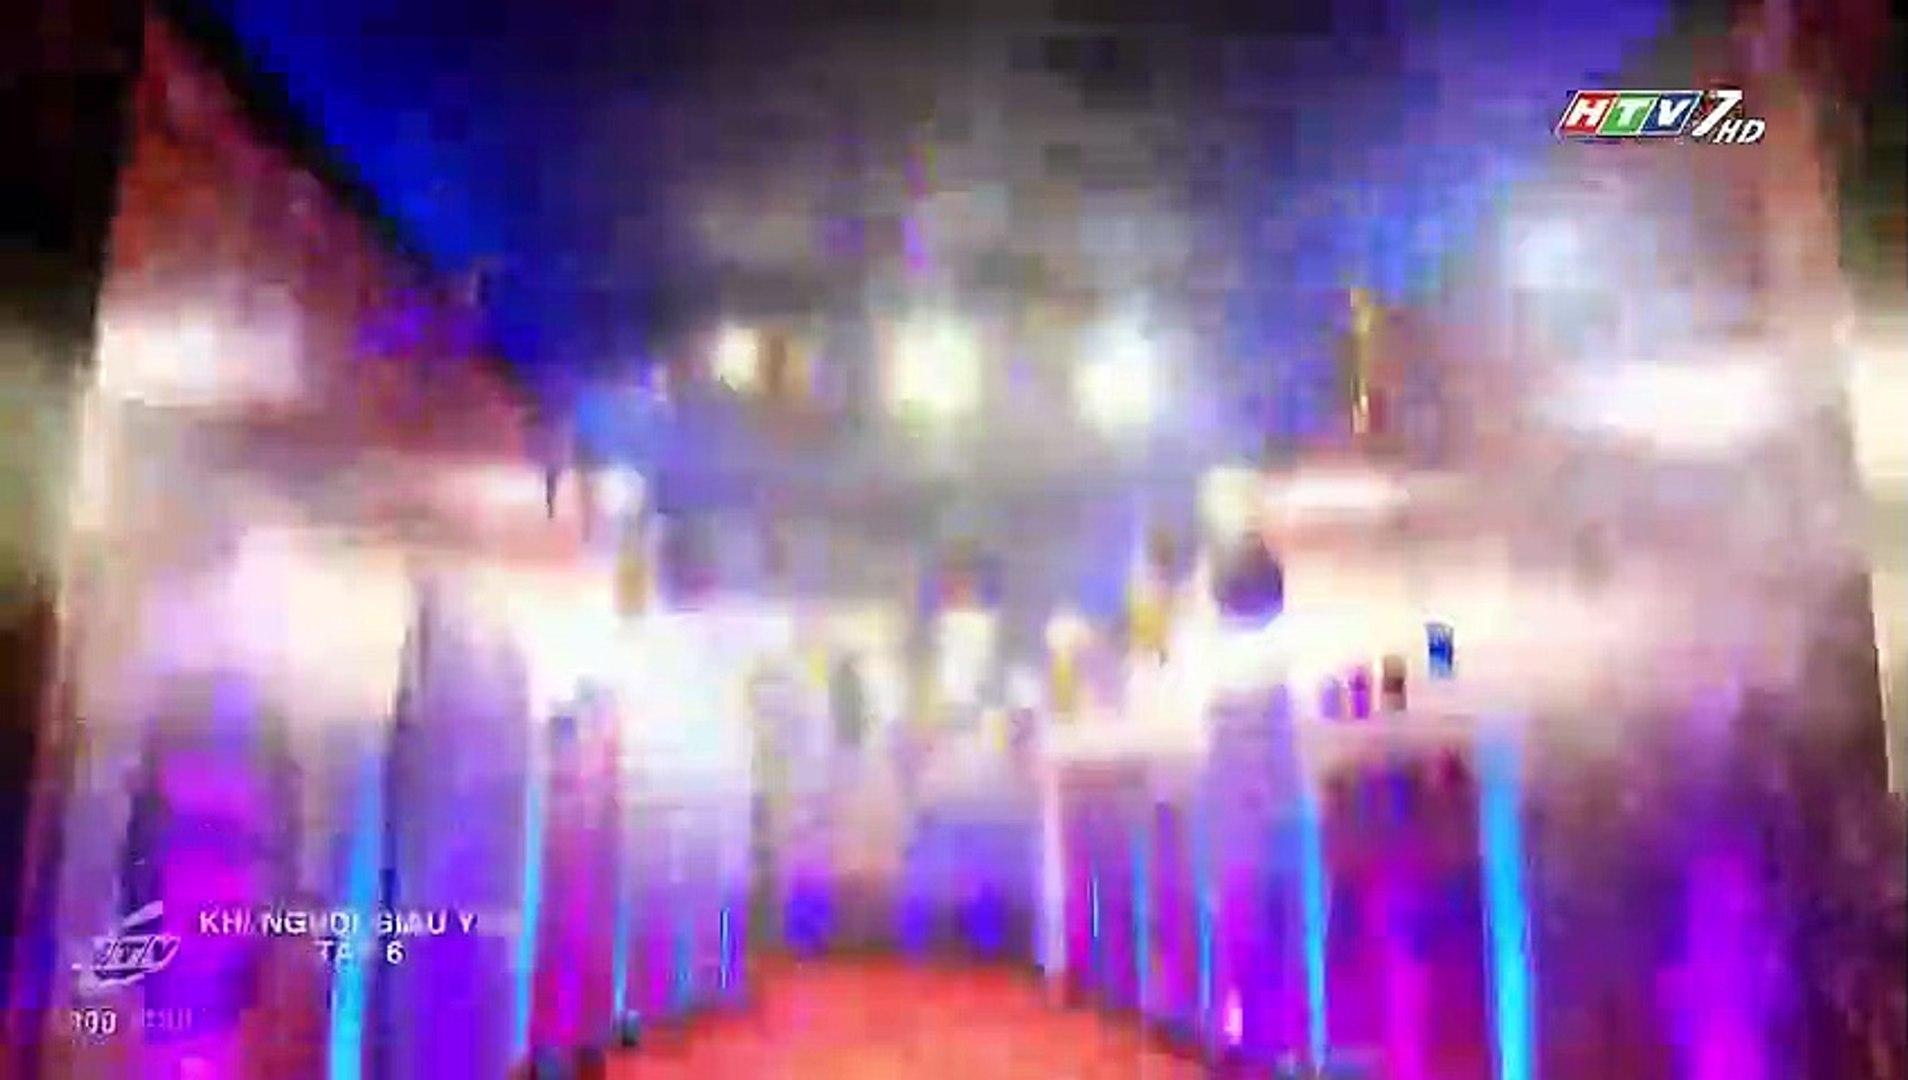 Khi Người Giàu Yêu Tập 6 - HTV7 Lồng Tiếng - Phim Ấn Độ - Phim Khi Nguoi Giau Yeu Tap 6 - Phim Khi N